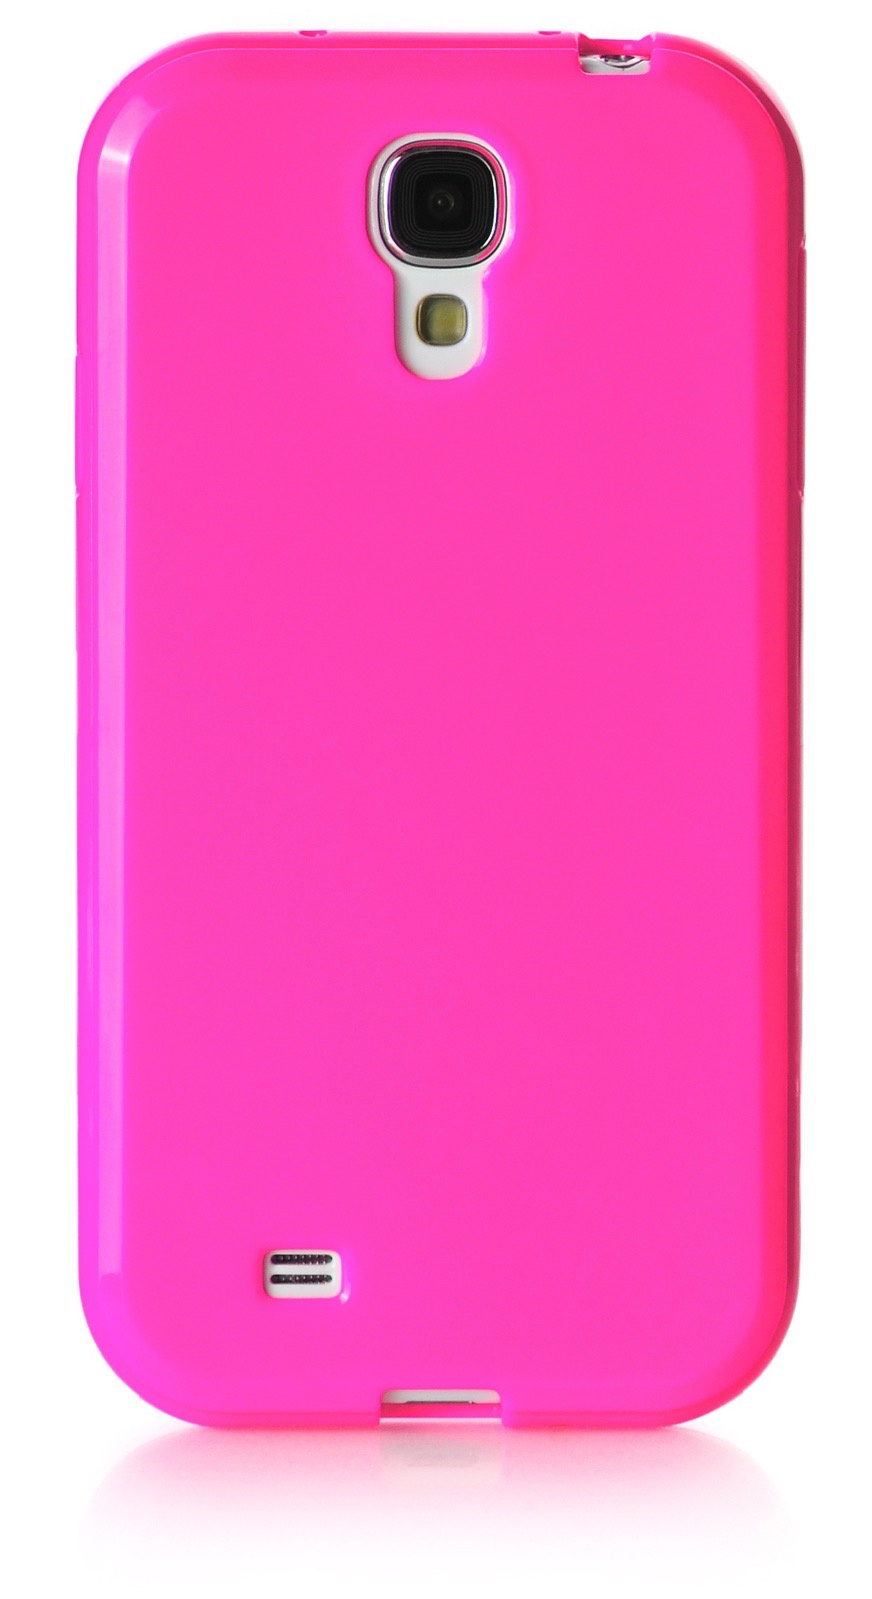 Чехол для сотового телефона iNeez накладка силикон мыльница 450178 для Samsung Galaxy S4, темно-розовый